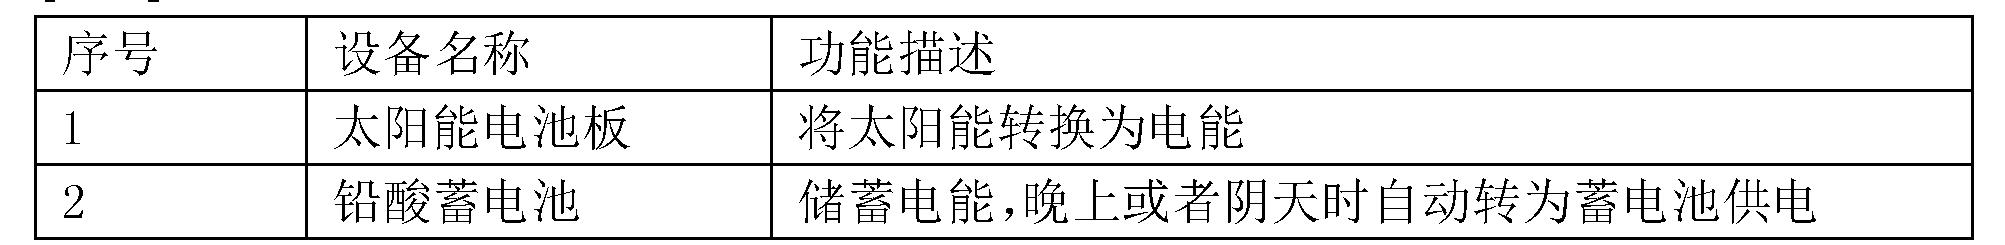 Figure CN104092750BD00102